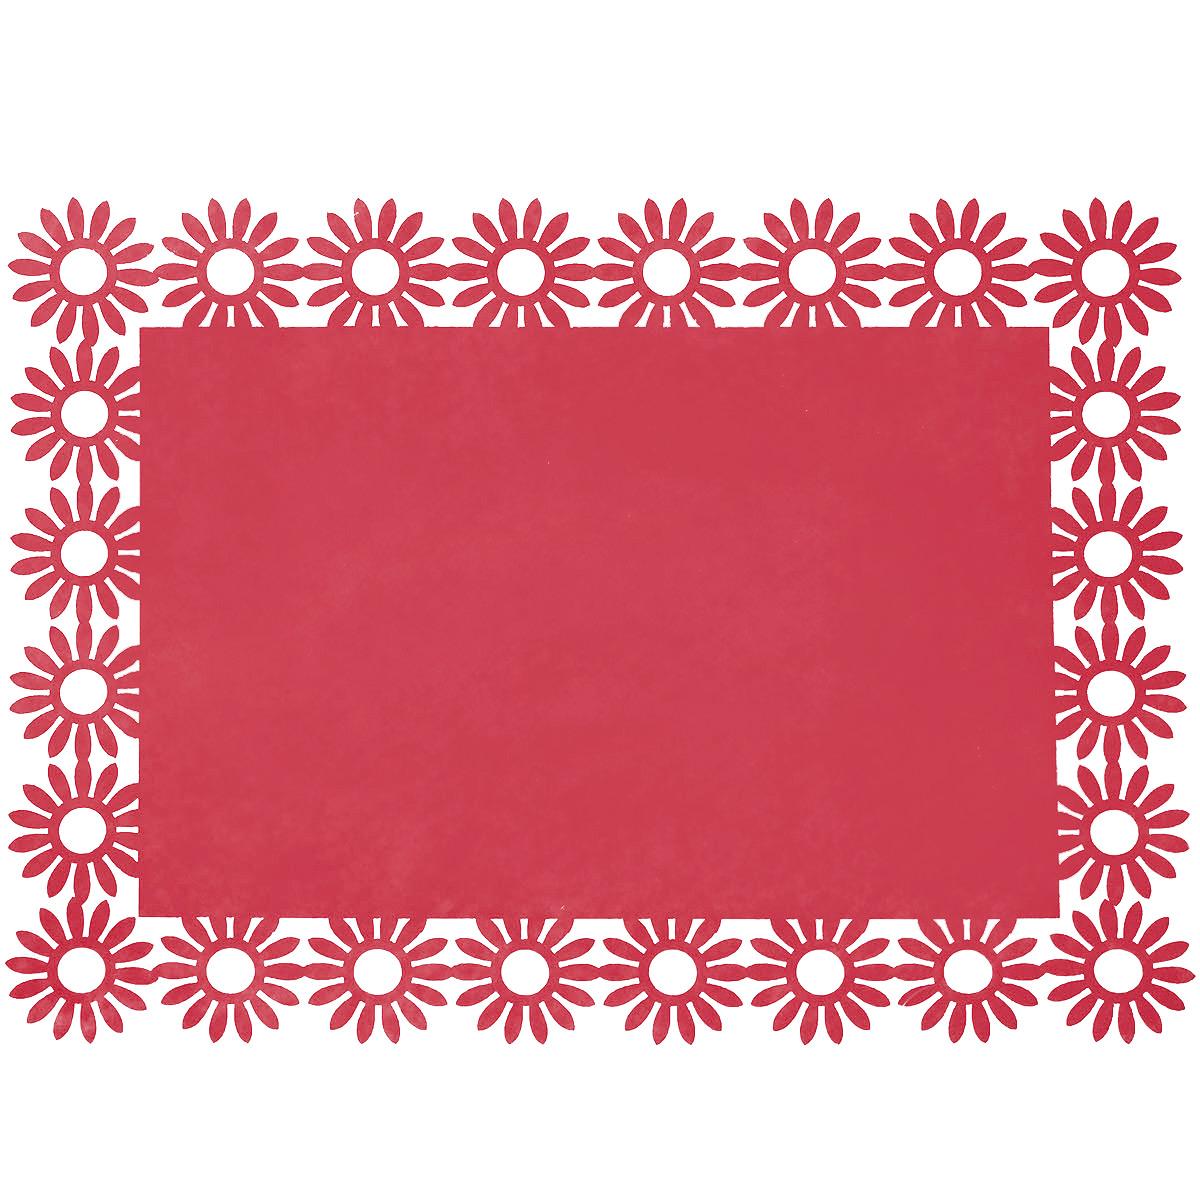 Салфетка Home Queen Веселый праздник, цвет: красный, 30 х 40 см66843_1Прямоугольная салфетка Home Queen Веселый праздник выполнена из фетра и имеет красивую перфорацию по краям.Вы можете использовать салфетку для декорирования стола, комода, журнального столика. В любом случае она добавит в ваш дом стиля, изысканности и неповторимости и убережет мебель от царапин и потертостей. Размер салфетки: 30 см х 40 см х 0,2 см.